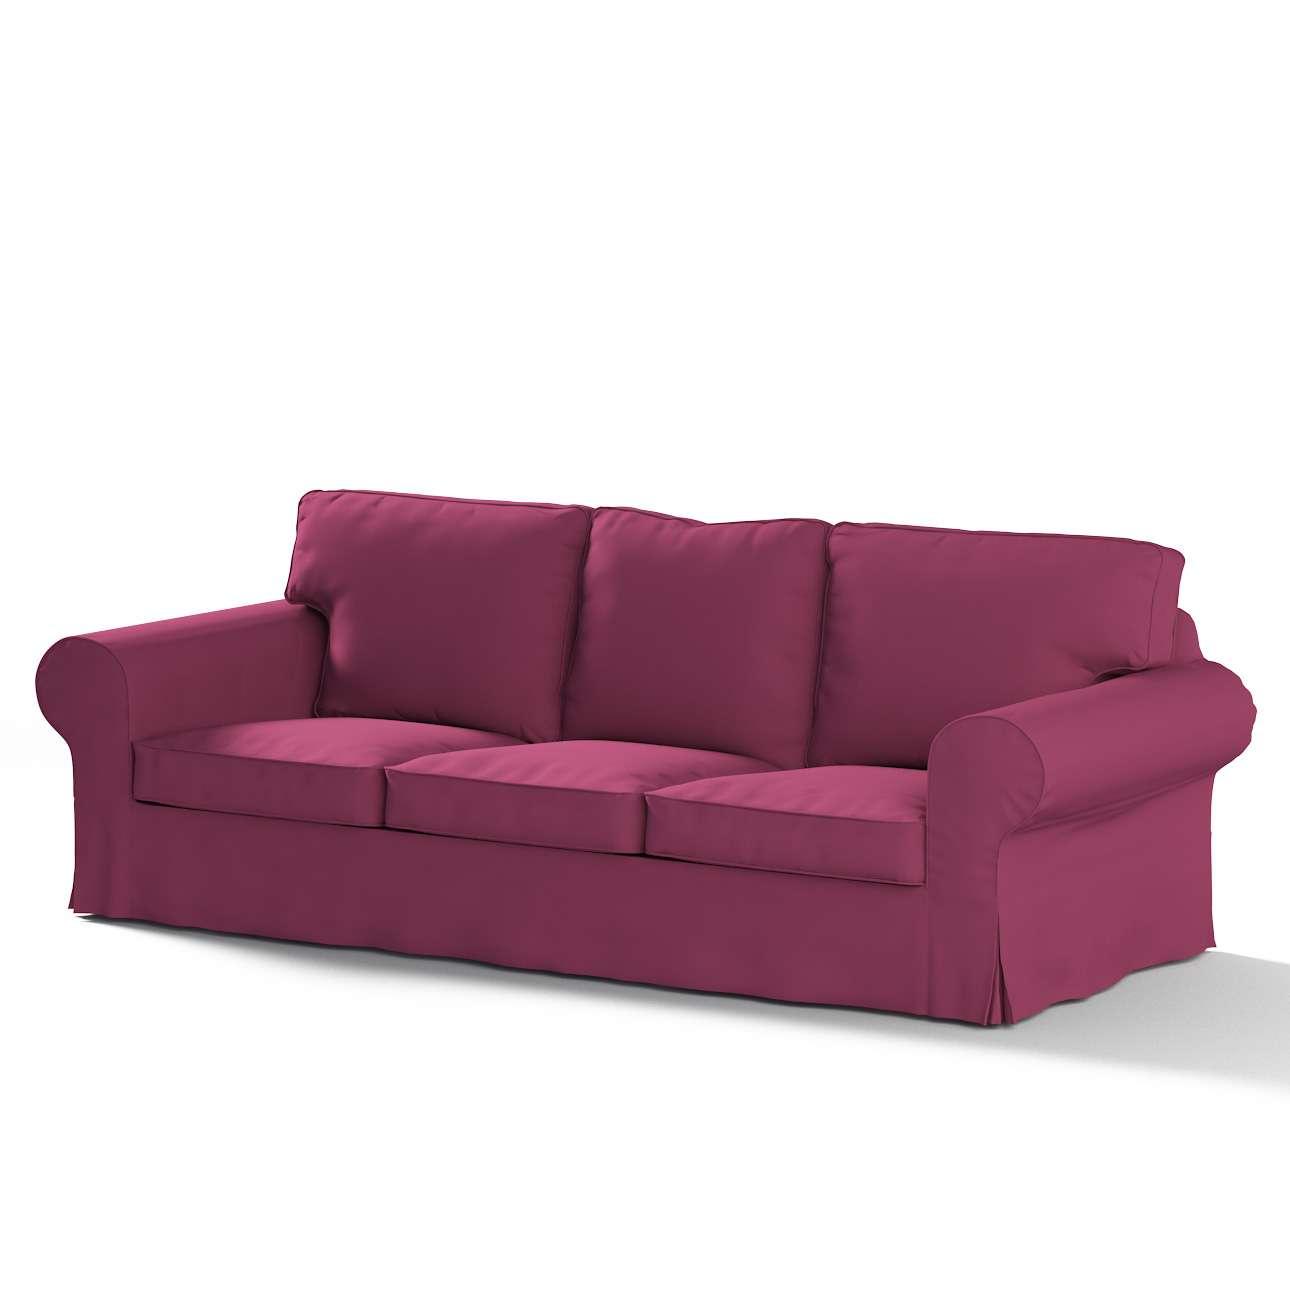 Pokrowiec na sofę Ektorp 3-osobową, rozkładaną w kolekcji Cotton Panama, tkanina: 702-32